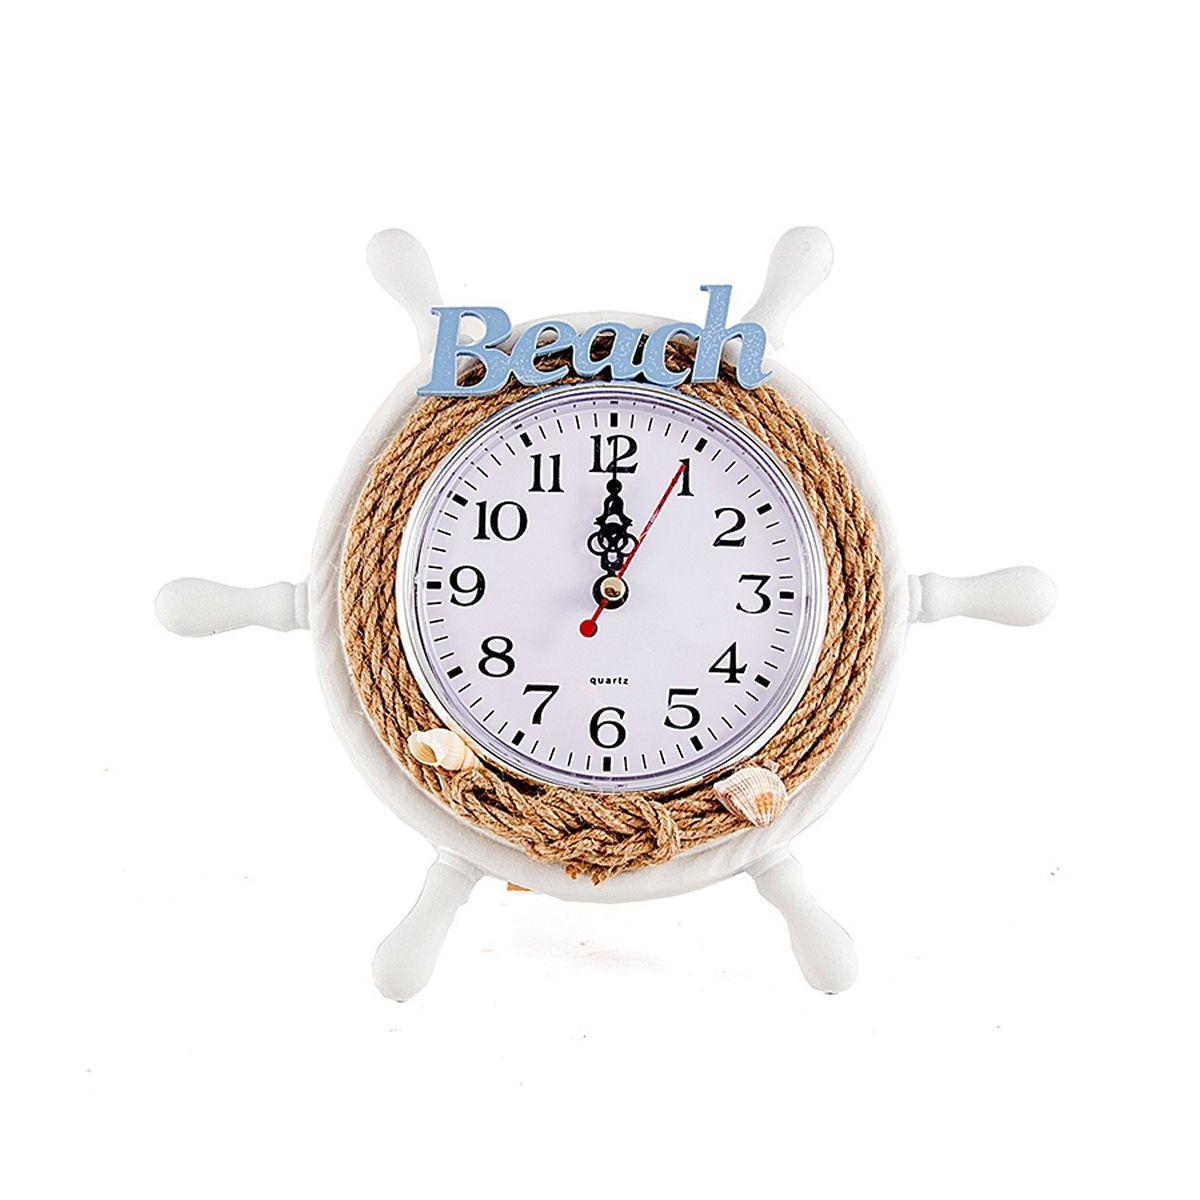 Часы настольные Русские Подарки Морская романтика, диаметр 22 см. 3341033410